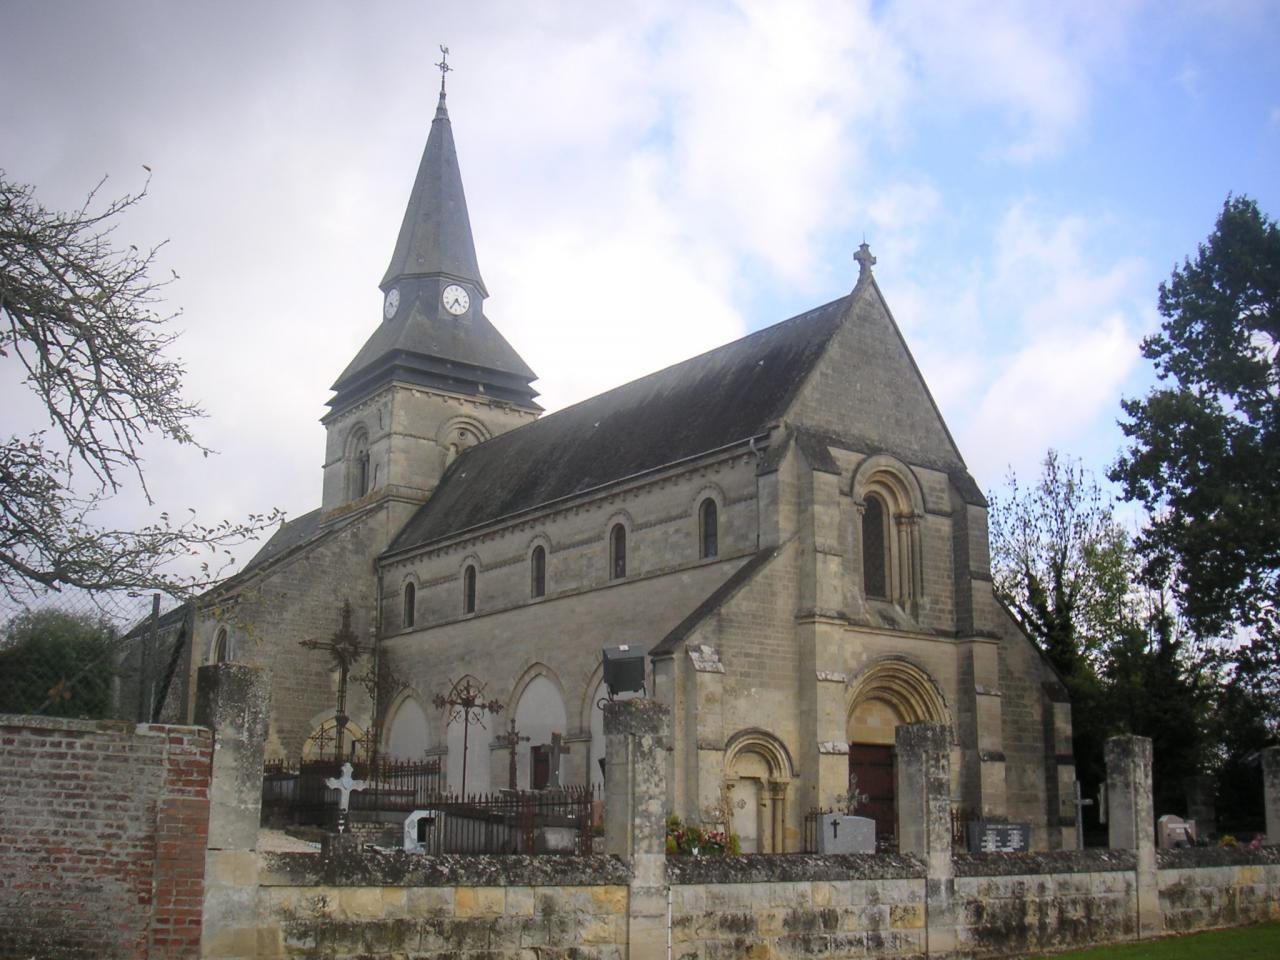 Quel est le style architectural de l'église de Falvy ?